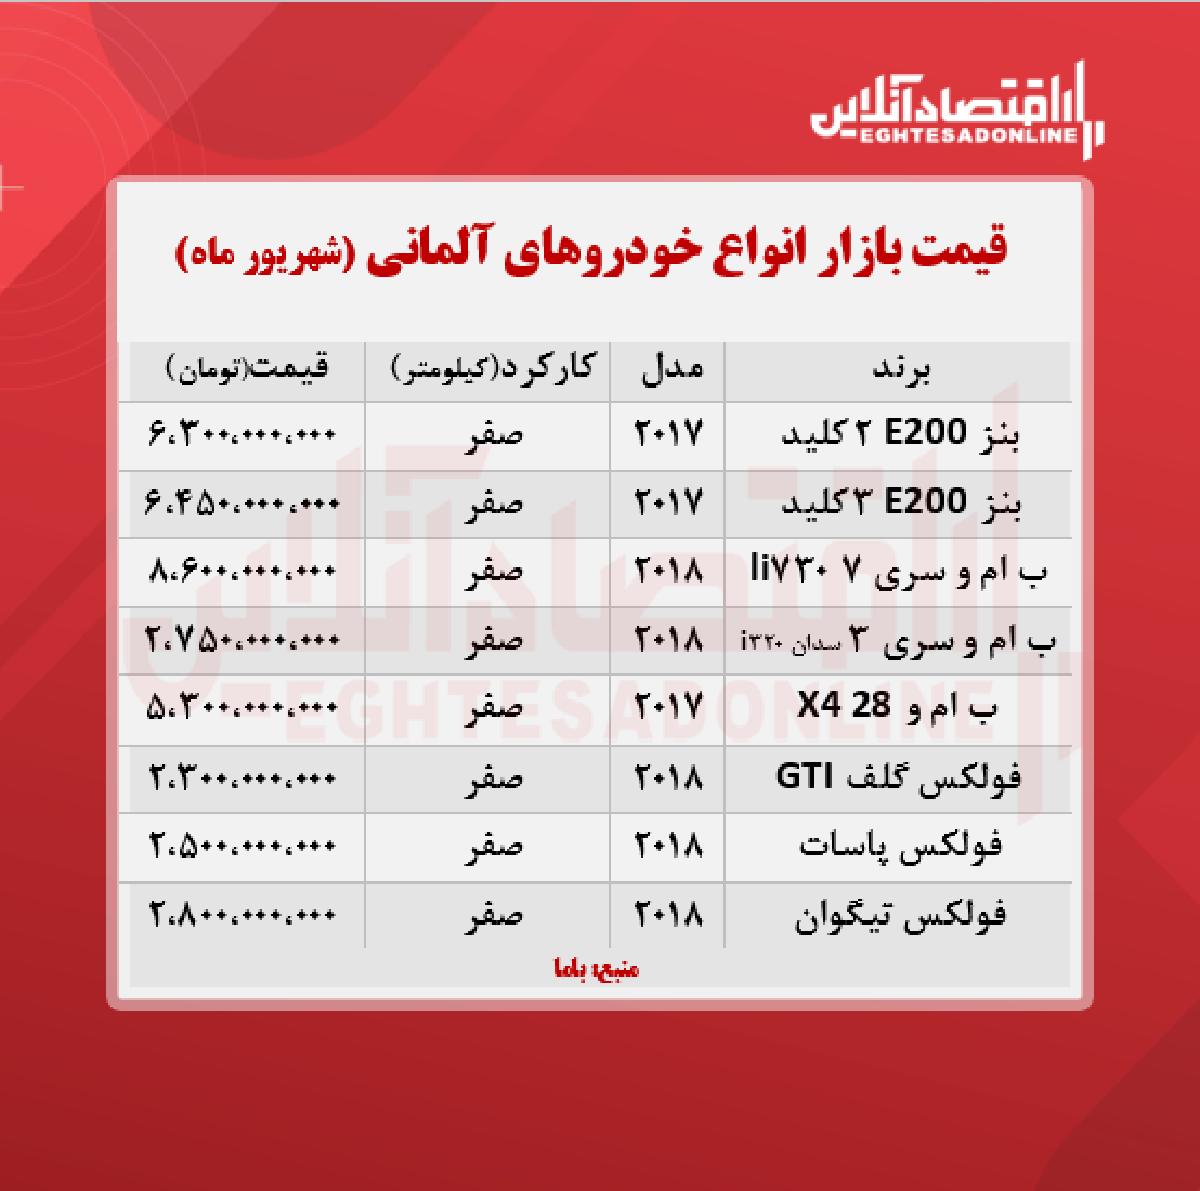 قیمت خودروهای آلمانی در تهران